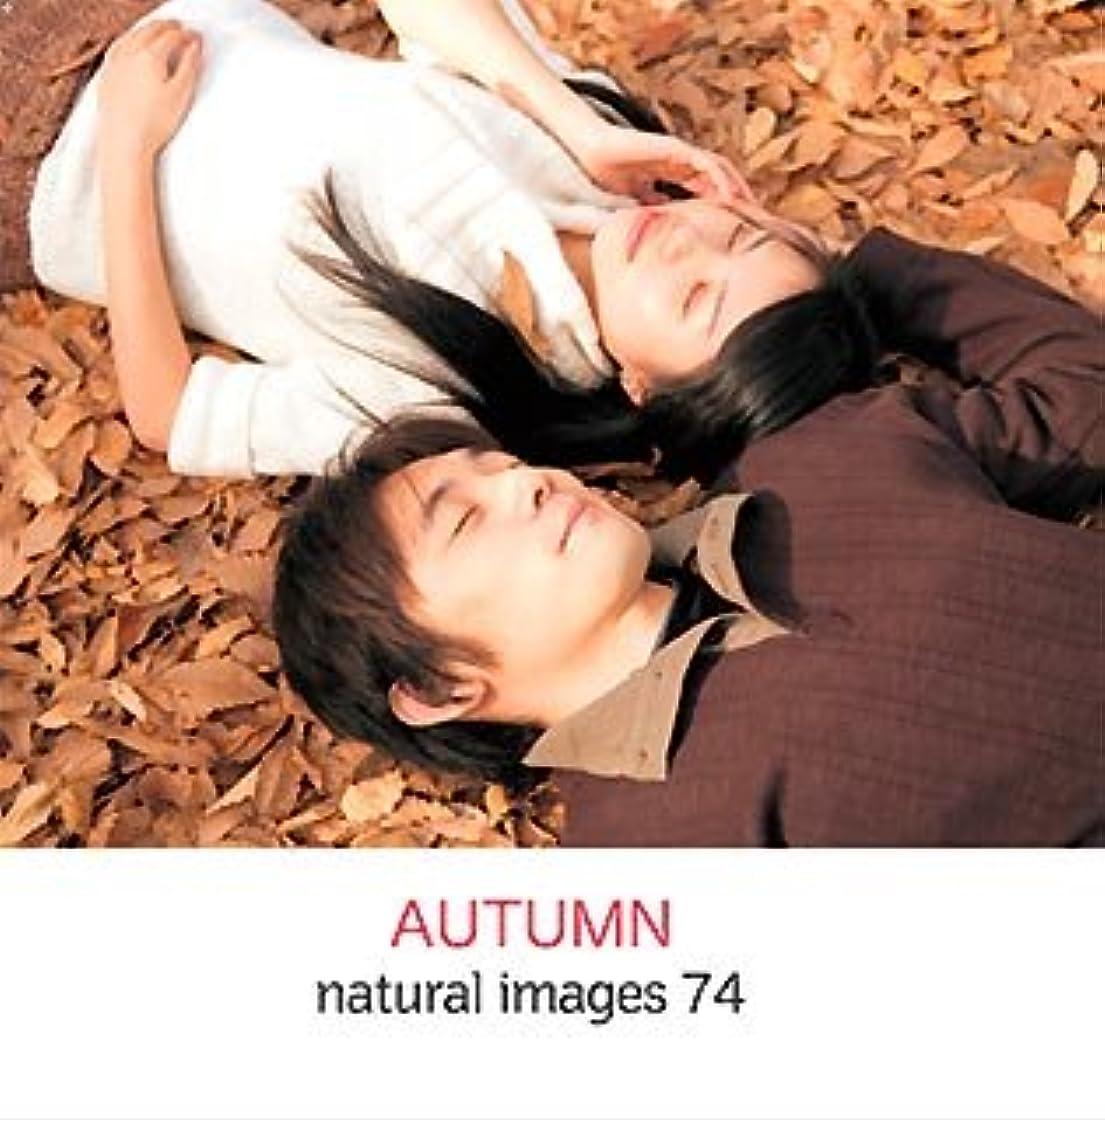 リズミカルなピクニック簿記係natural images Vol.74 AUTUMN